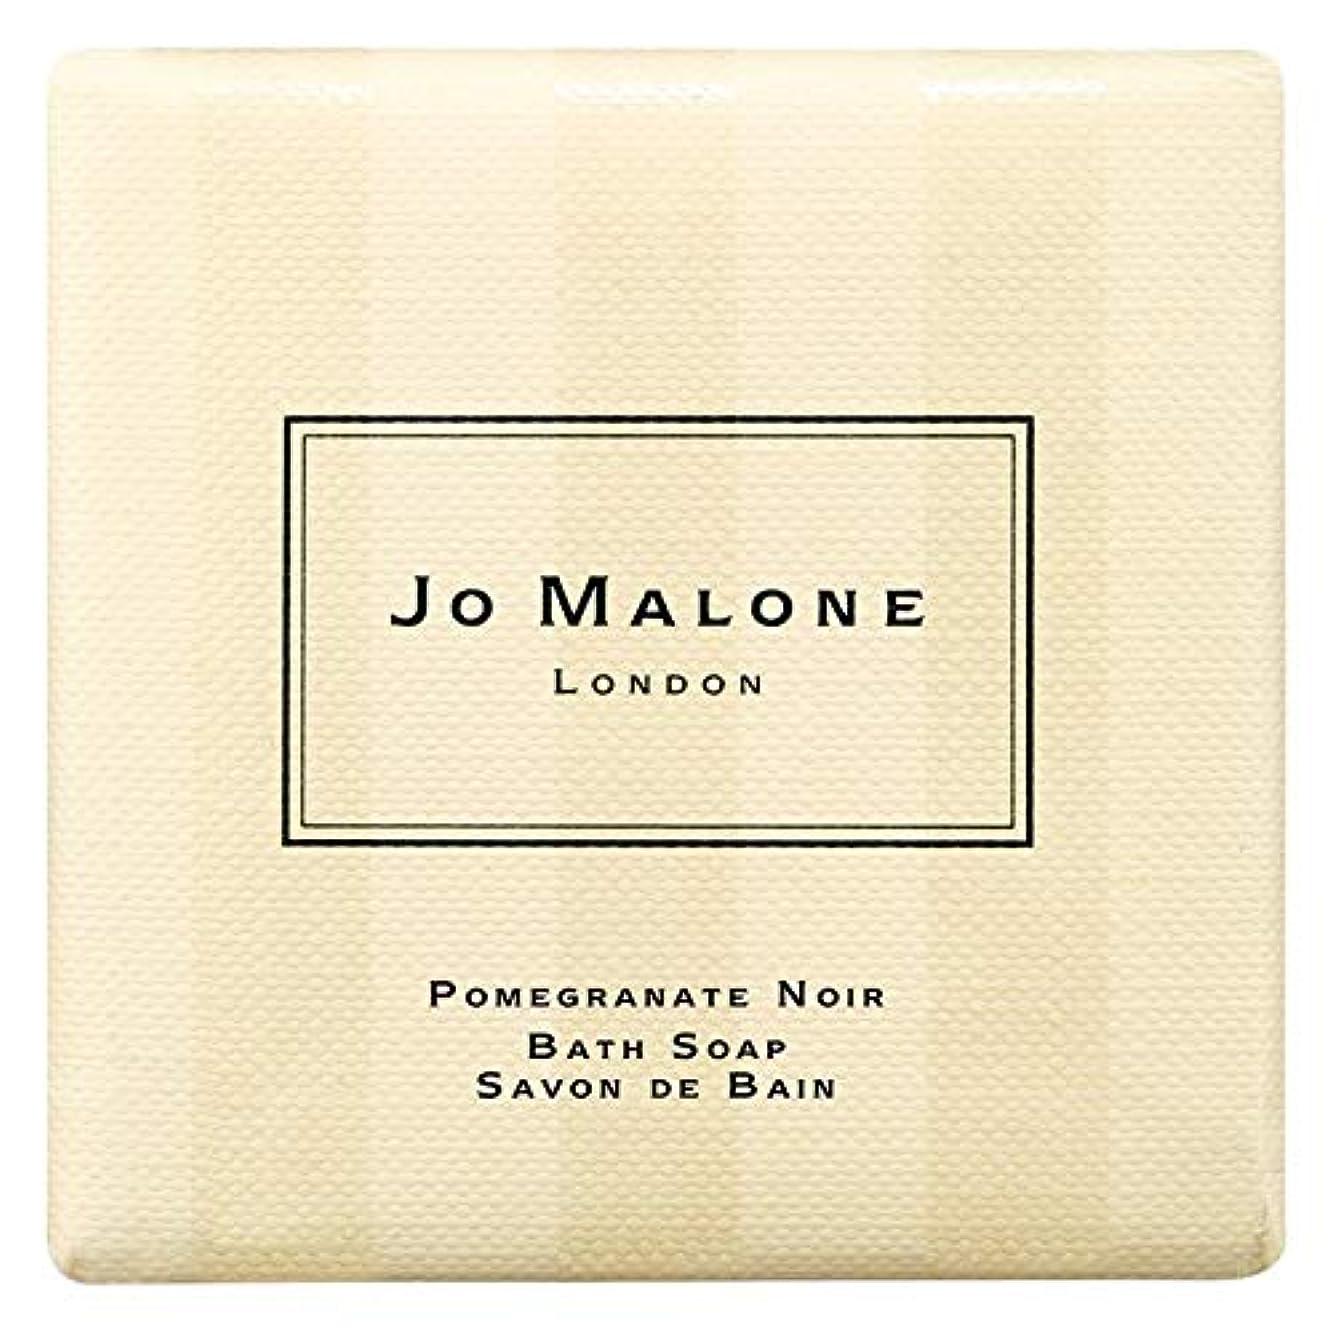 思いやりのあるシェトランド諸島であること[Jo Malone] ジョーマローンロンドンザクロノワール入浴石鹸100グラム - Jo Malone London Pomegranate Noir Bath Soap 100g [並行輸入品]